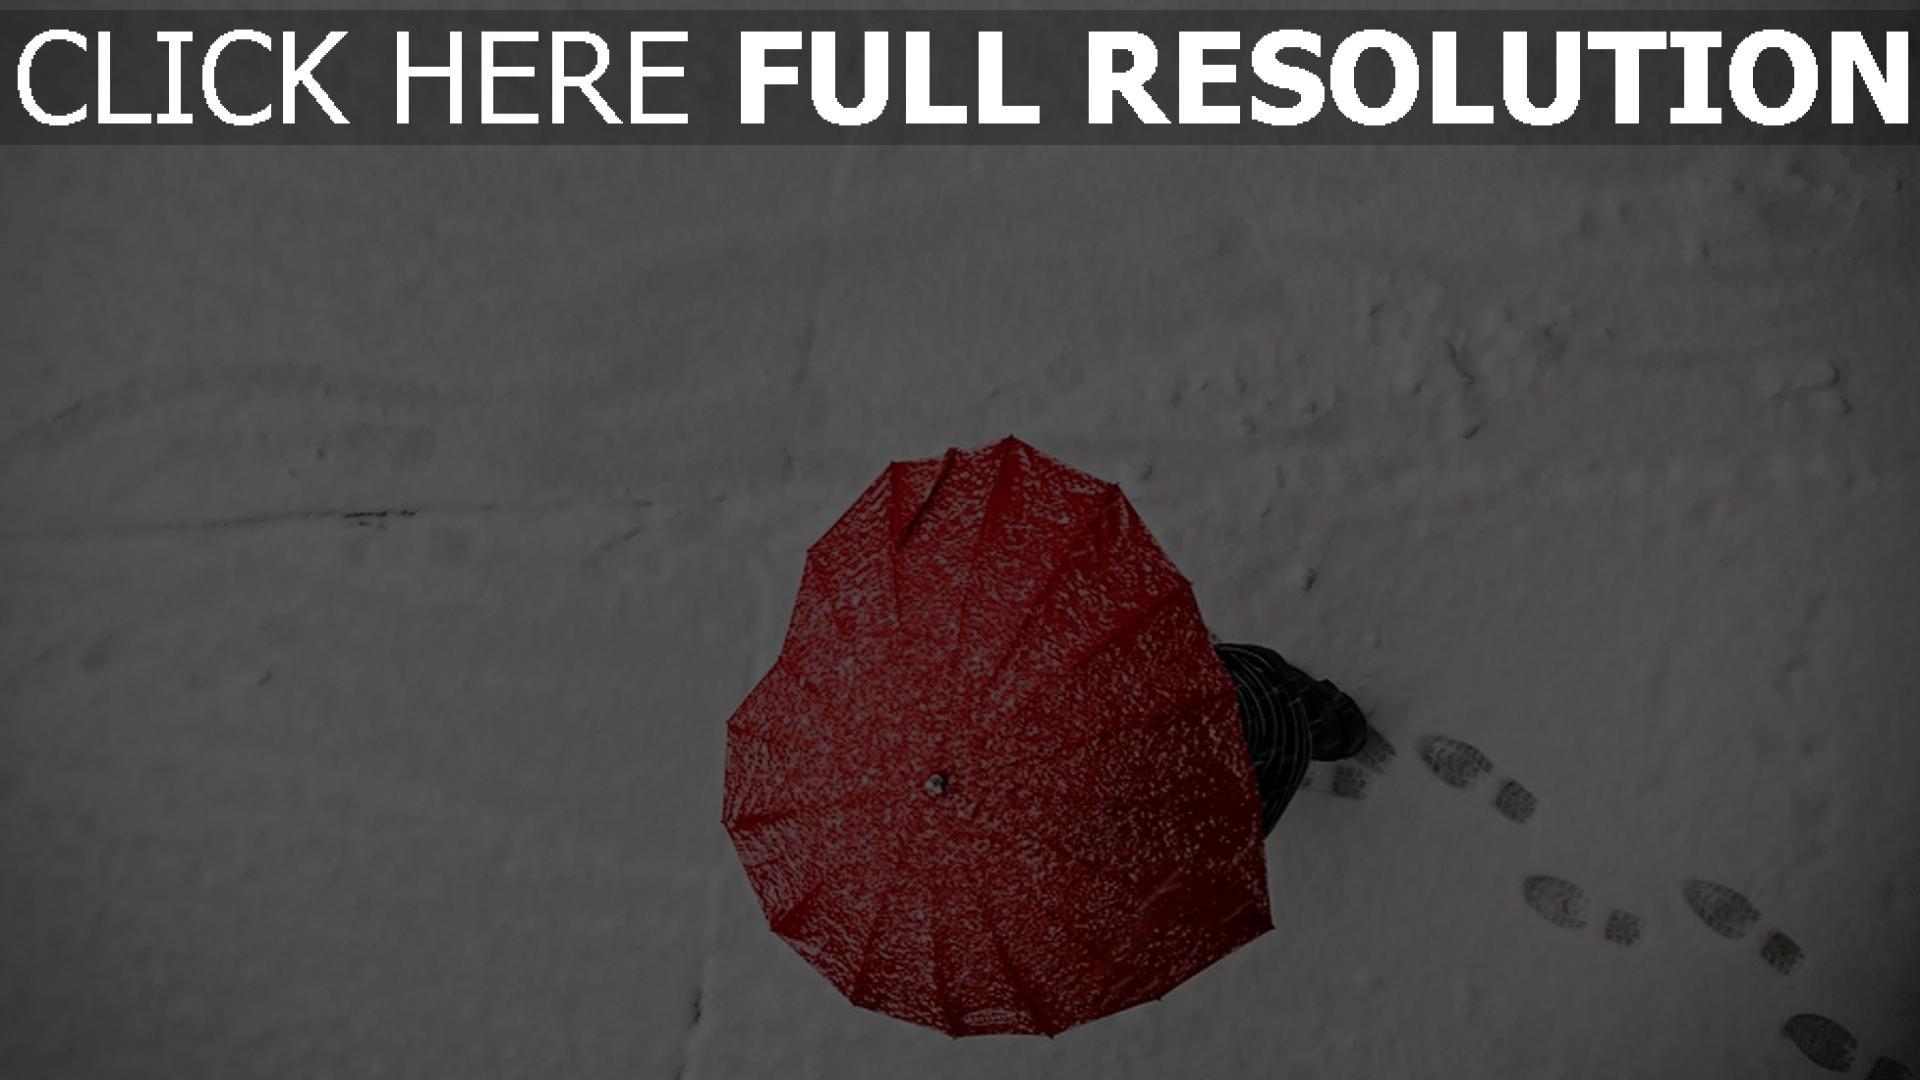 hd hintergrundbilder valentinstag romanze herz schnee regenschirm 1920x1080